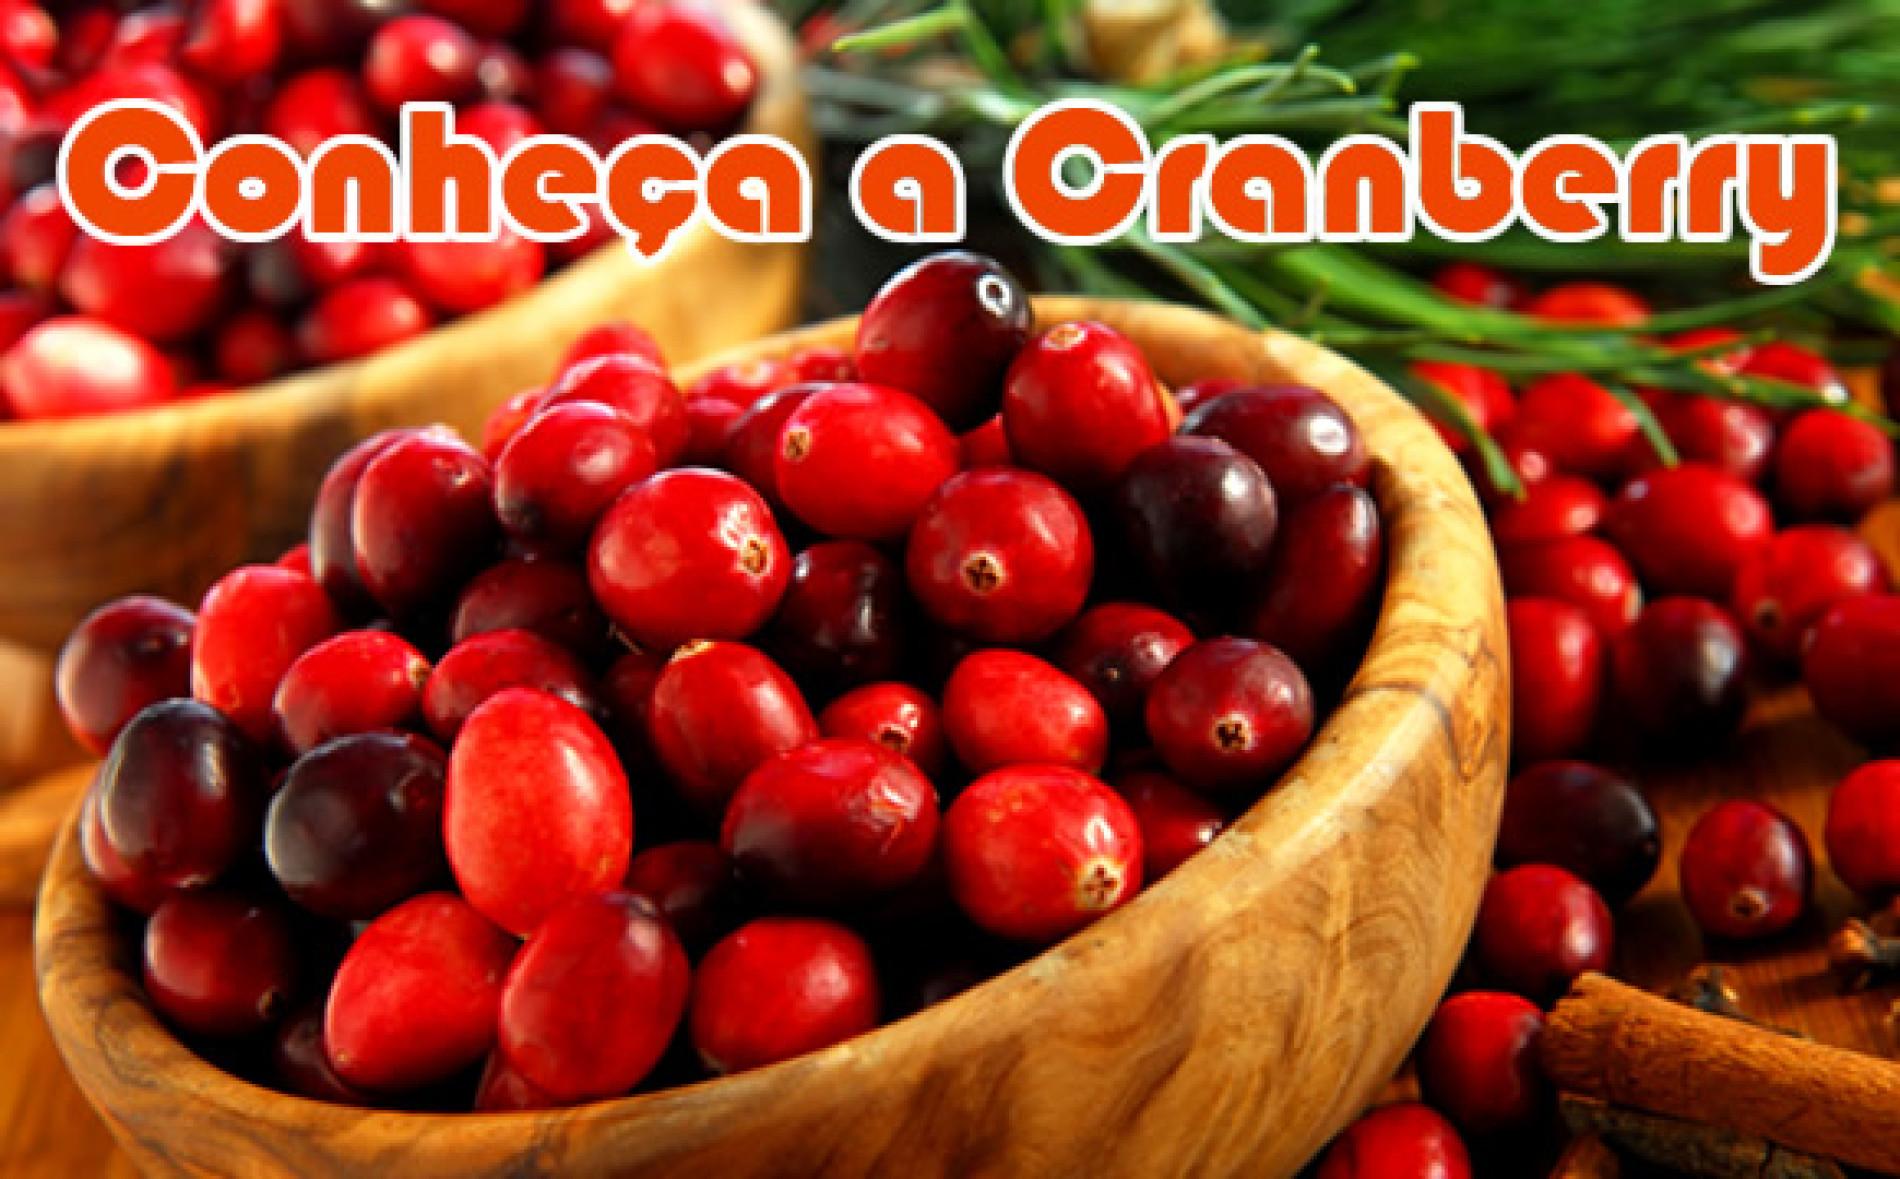 Cranberry a fruta rica em vitamina C e ótima para emagrecer